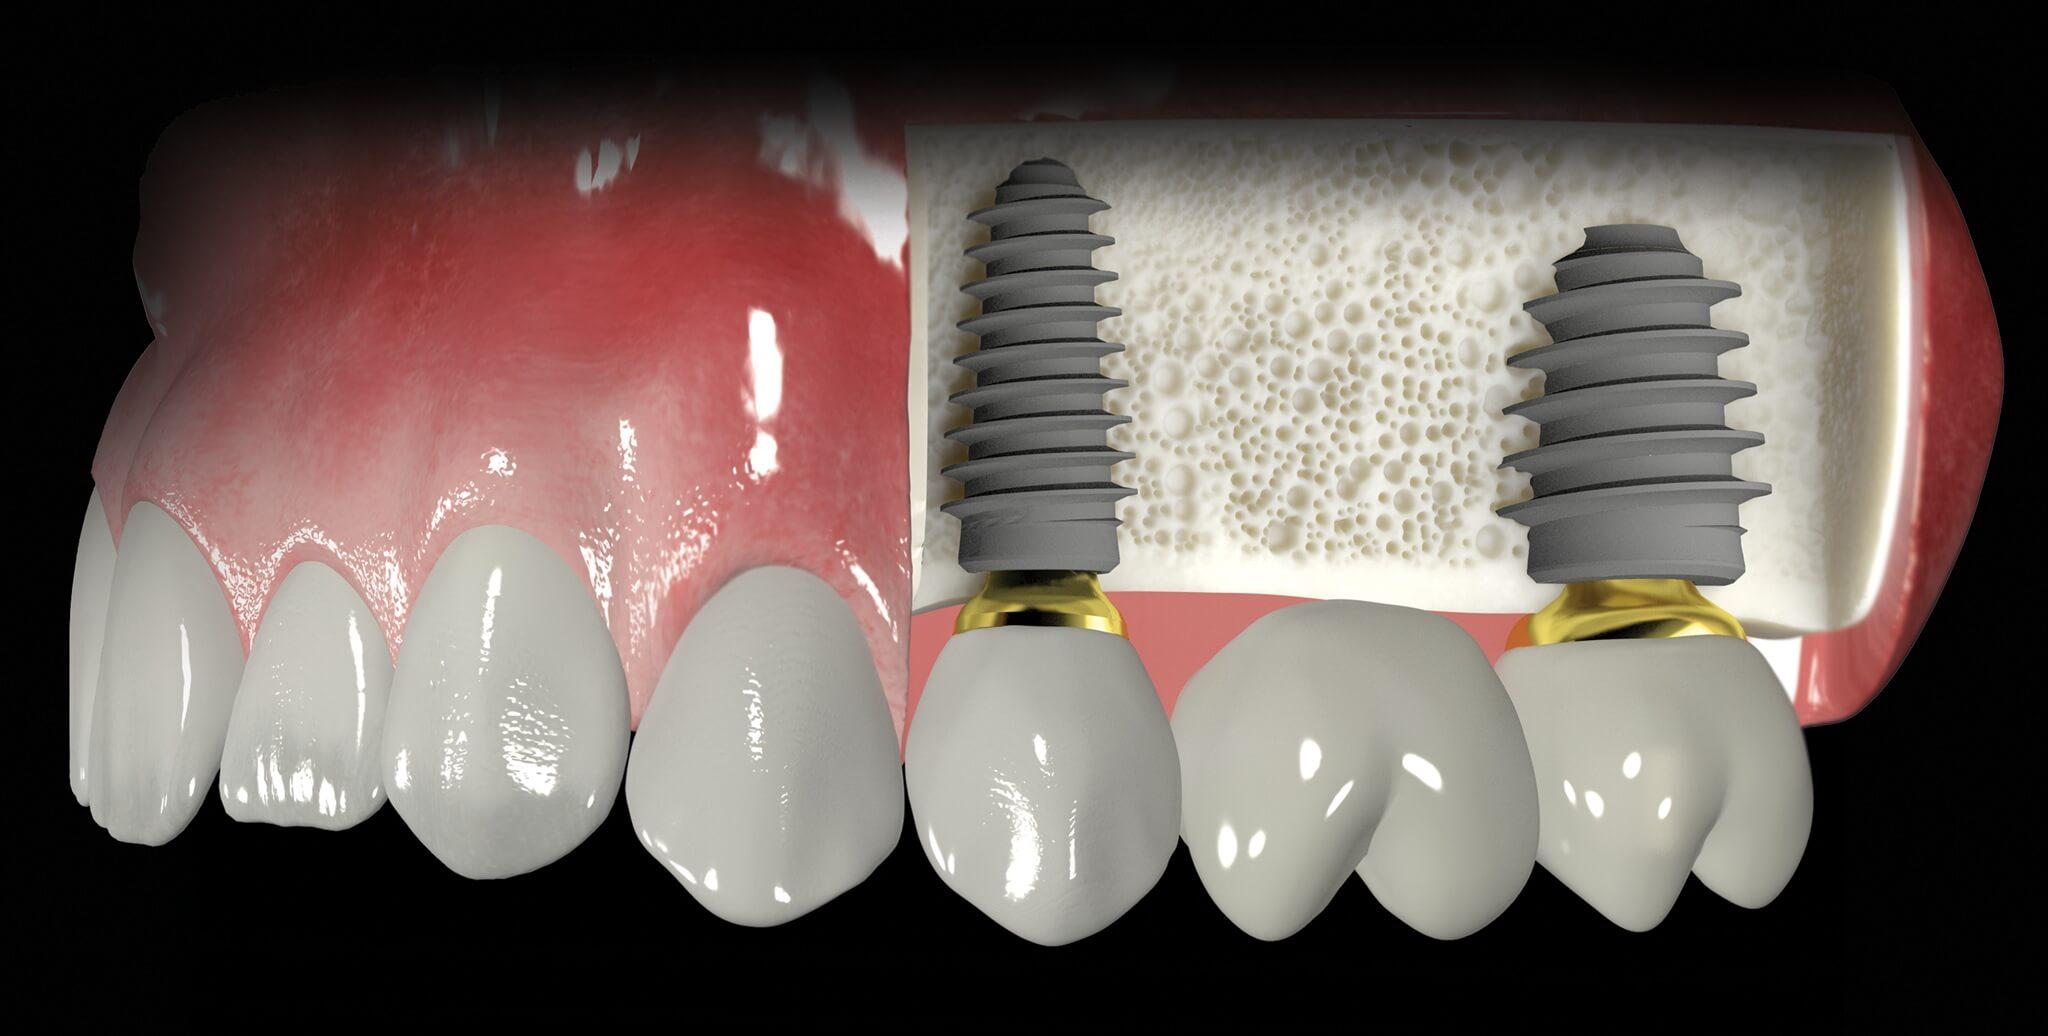 implant yaptırırken nelere dikkat etmeli